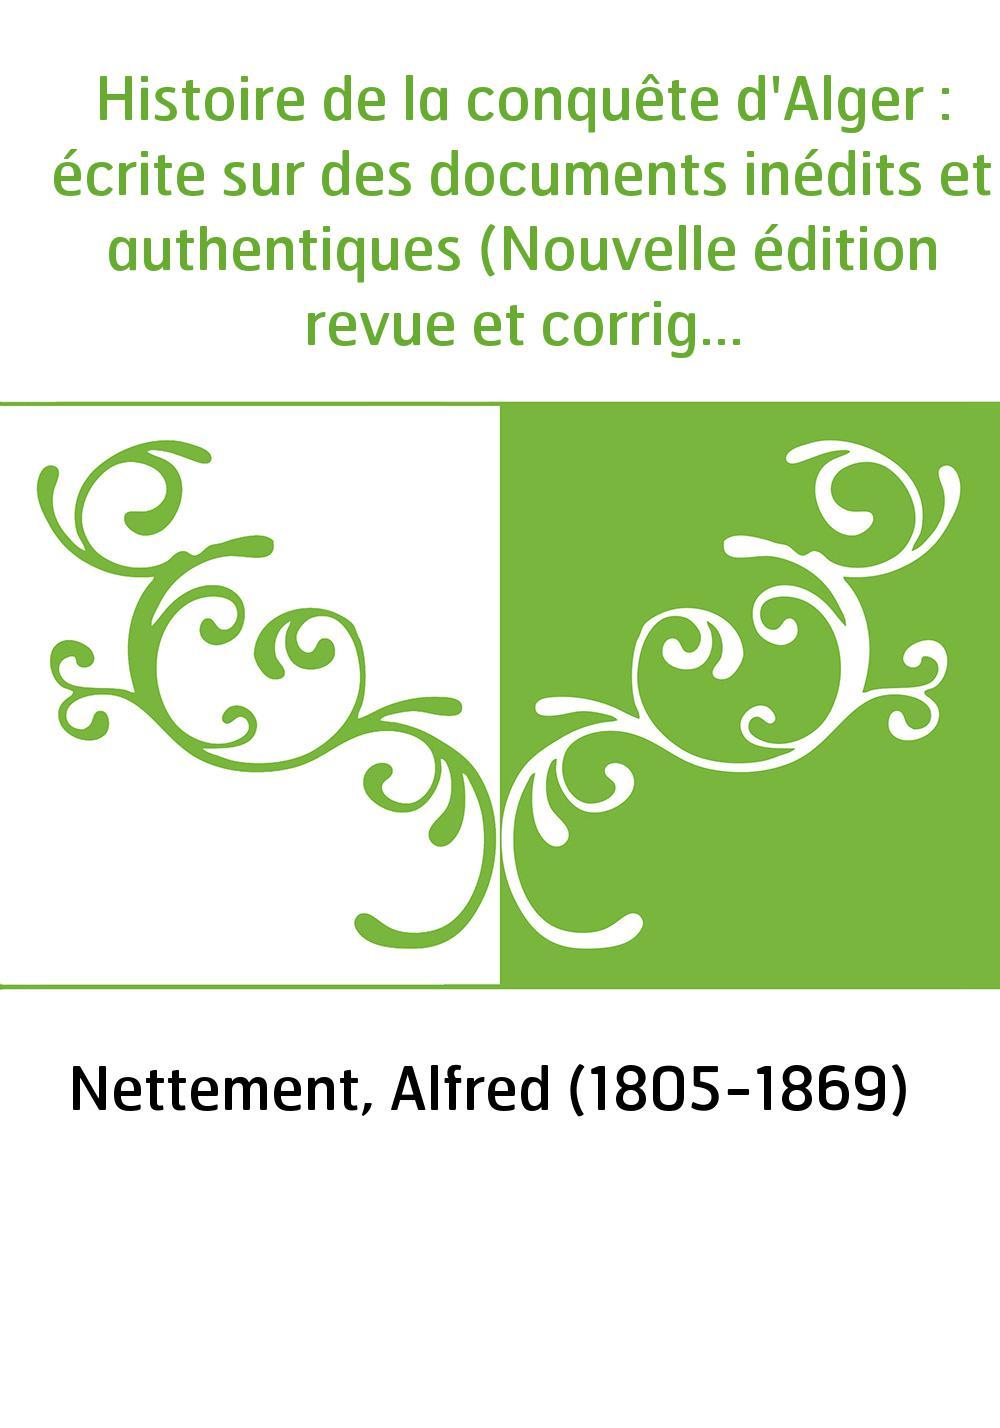 Histoire de la conquête d'Alger : écrite sur des documents inédits et authentiques (Nouvelle édition revue et corrigée) / par M.